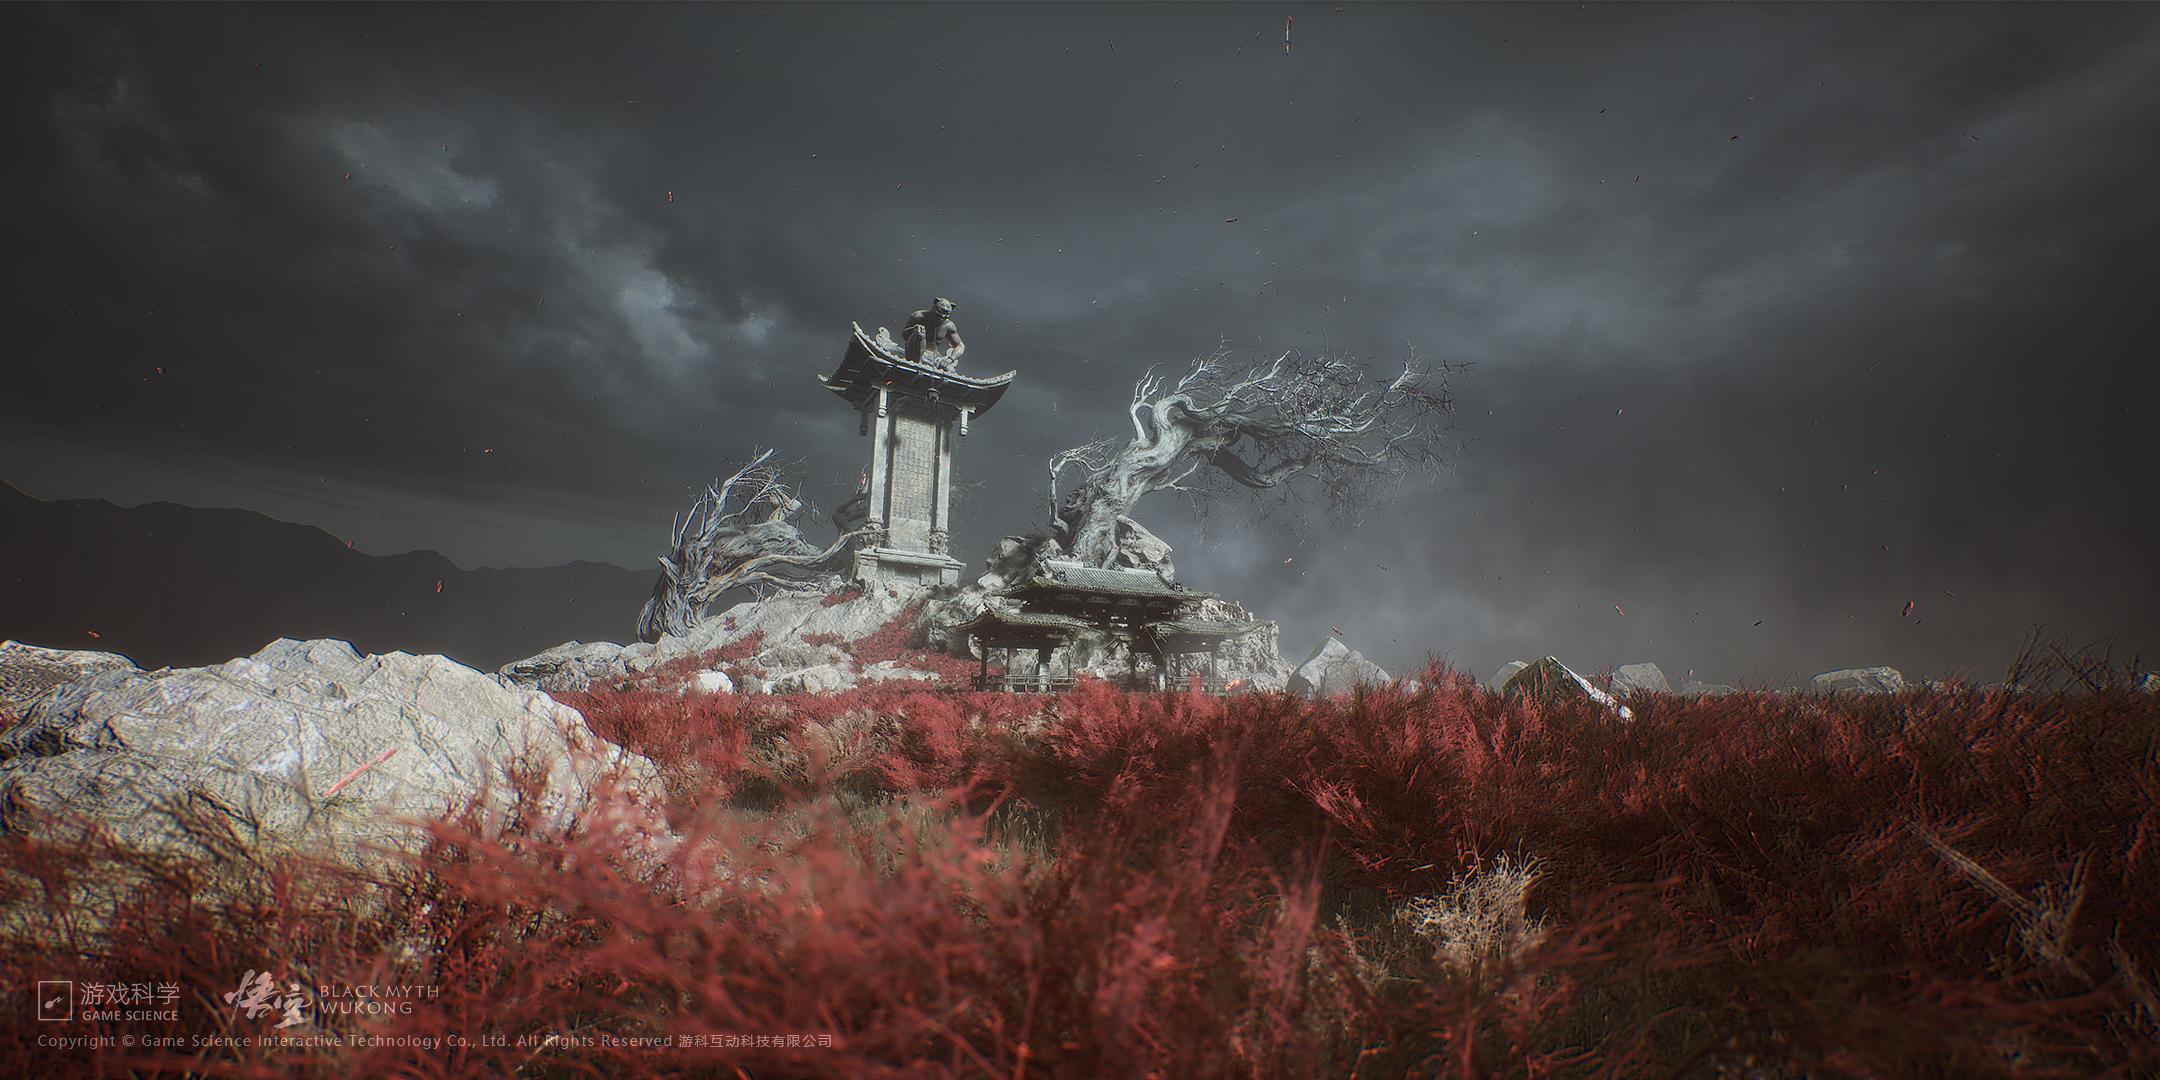 Black Myth: Wukong Xbox One